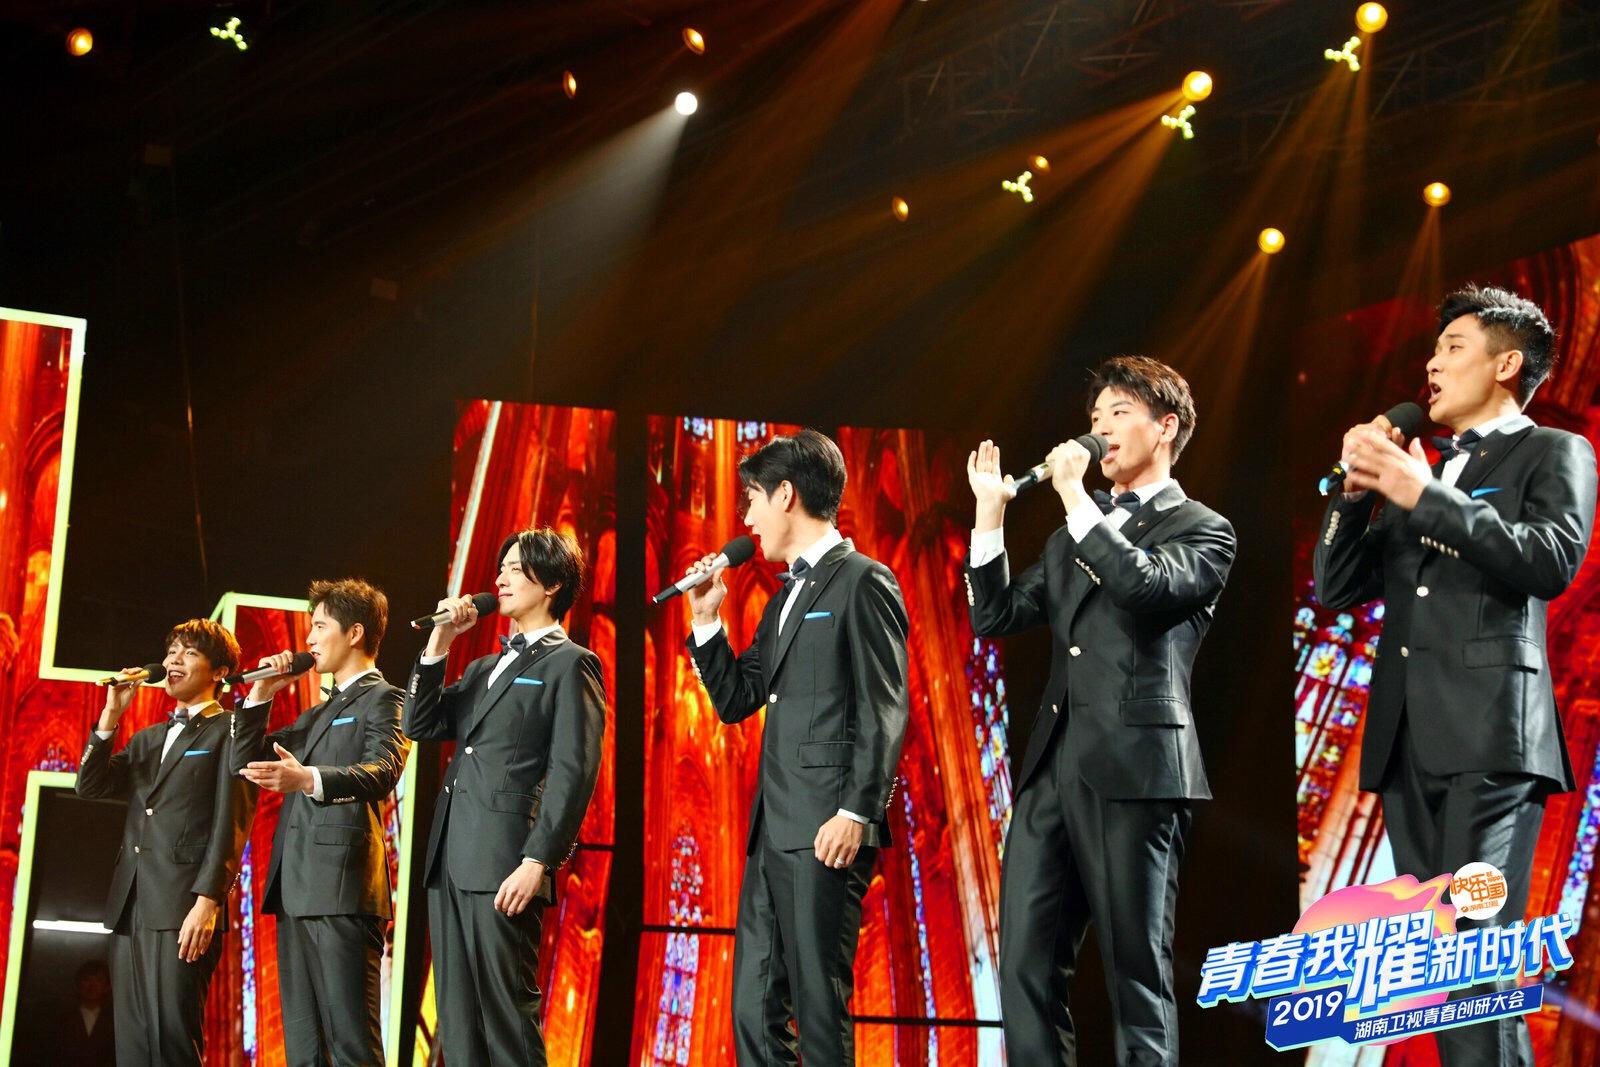 《声入人心》演唱成员C位出道湖南卫视创研大会 用美声震撼全场